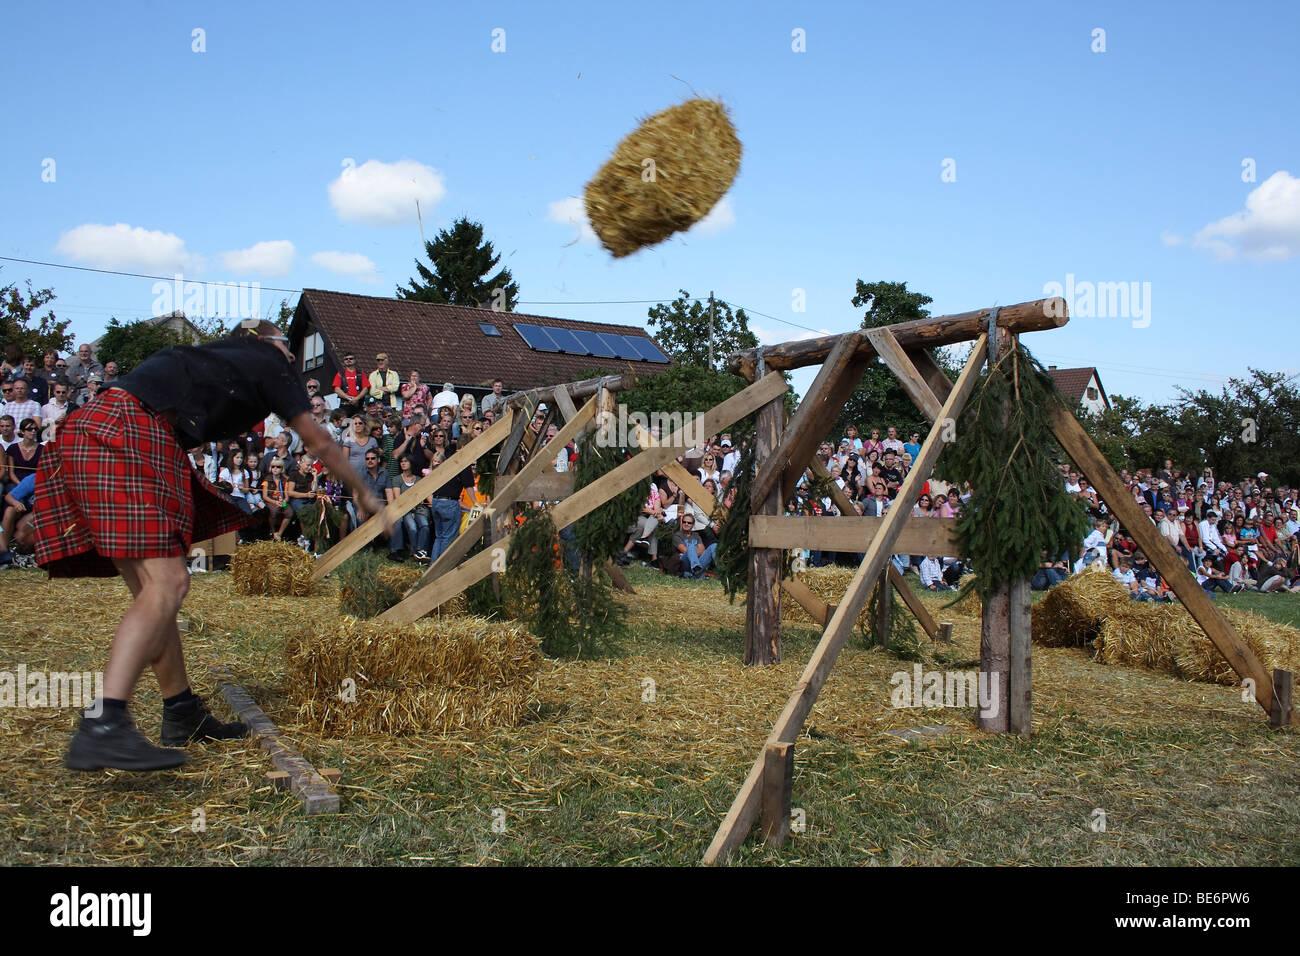 Mélanger de la gerbe de discipline sur un obstacle, Highland Games à Kreenheinstetten, district de Sigmaringen, Photo Stock